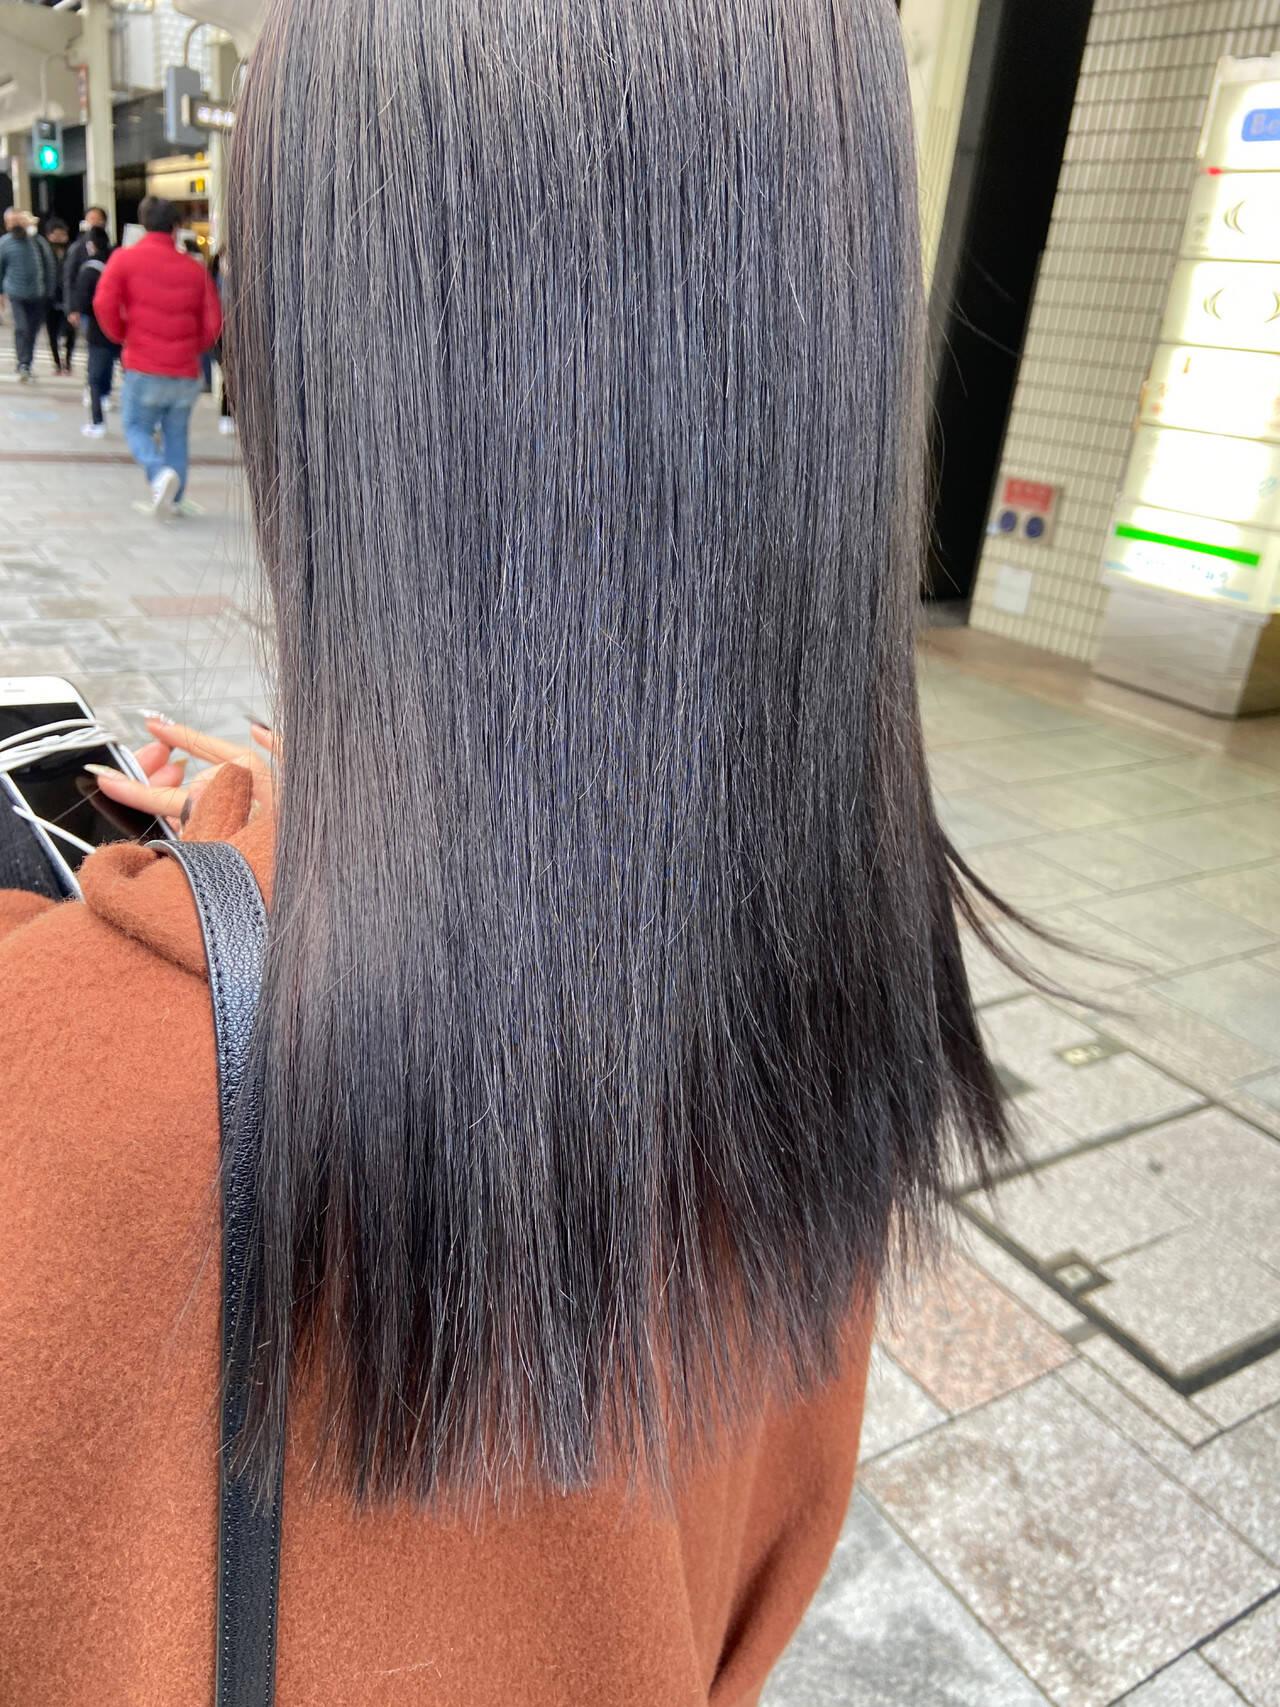 ミルクティーベージュ ヌーディベージュ ブラウンベージュ 透明感カラーヘアスタイルや髪型の写真・画像